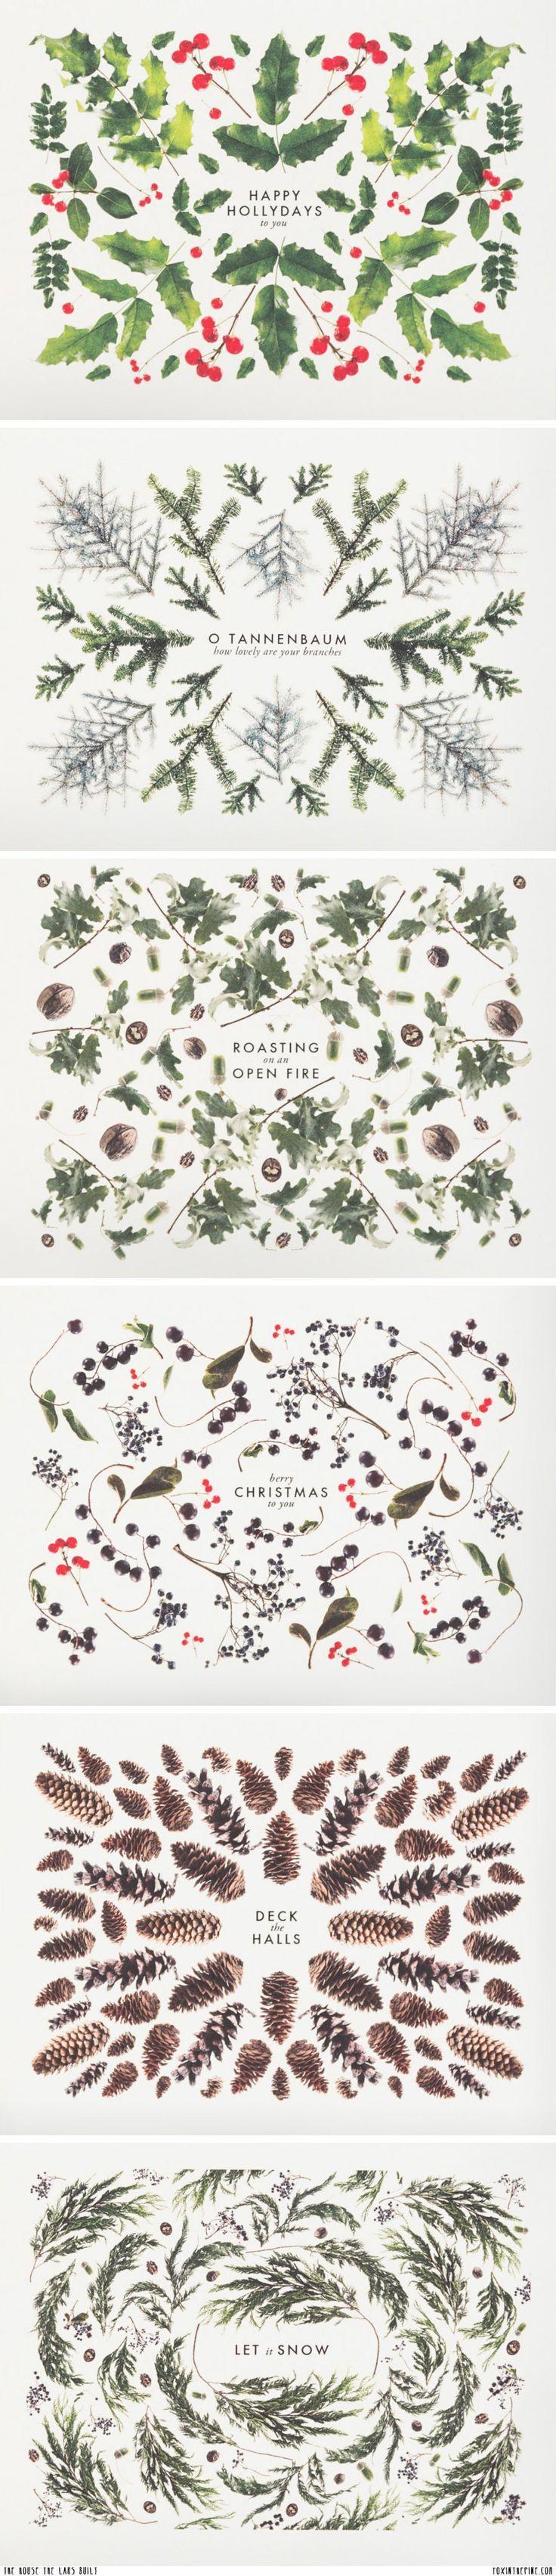 Winter greenery #horticultural_art #garden